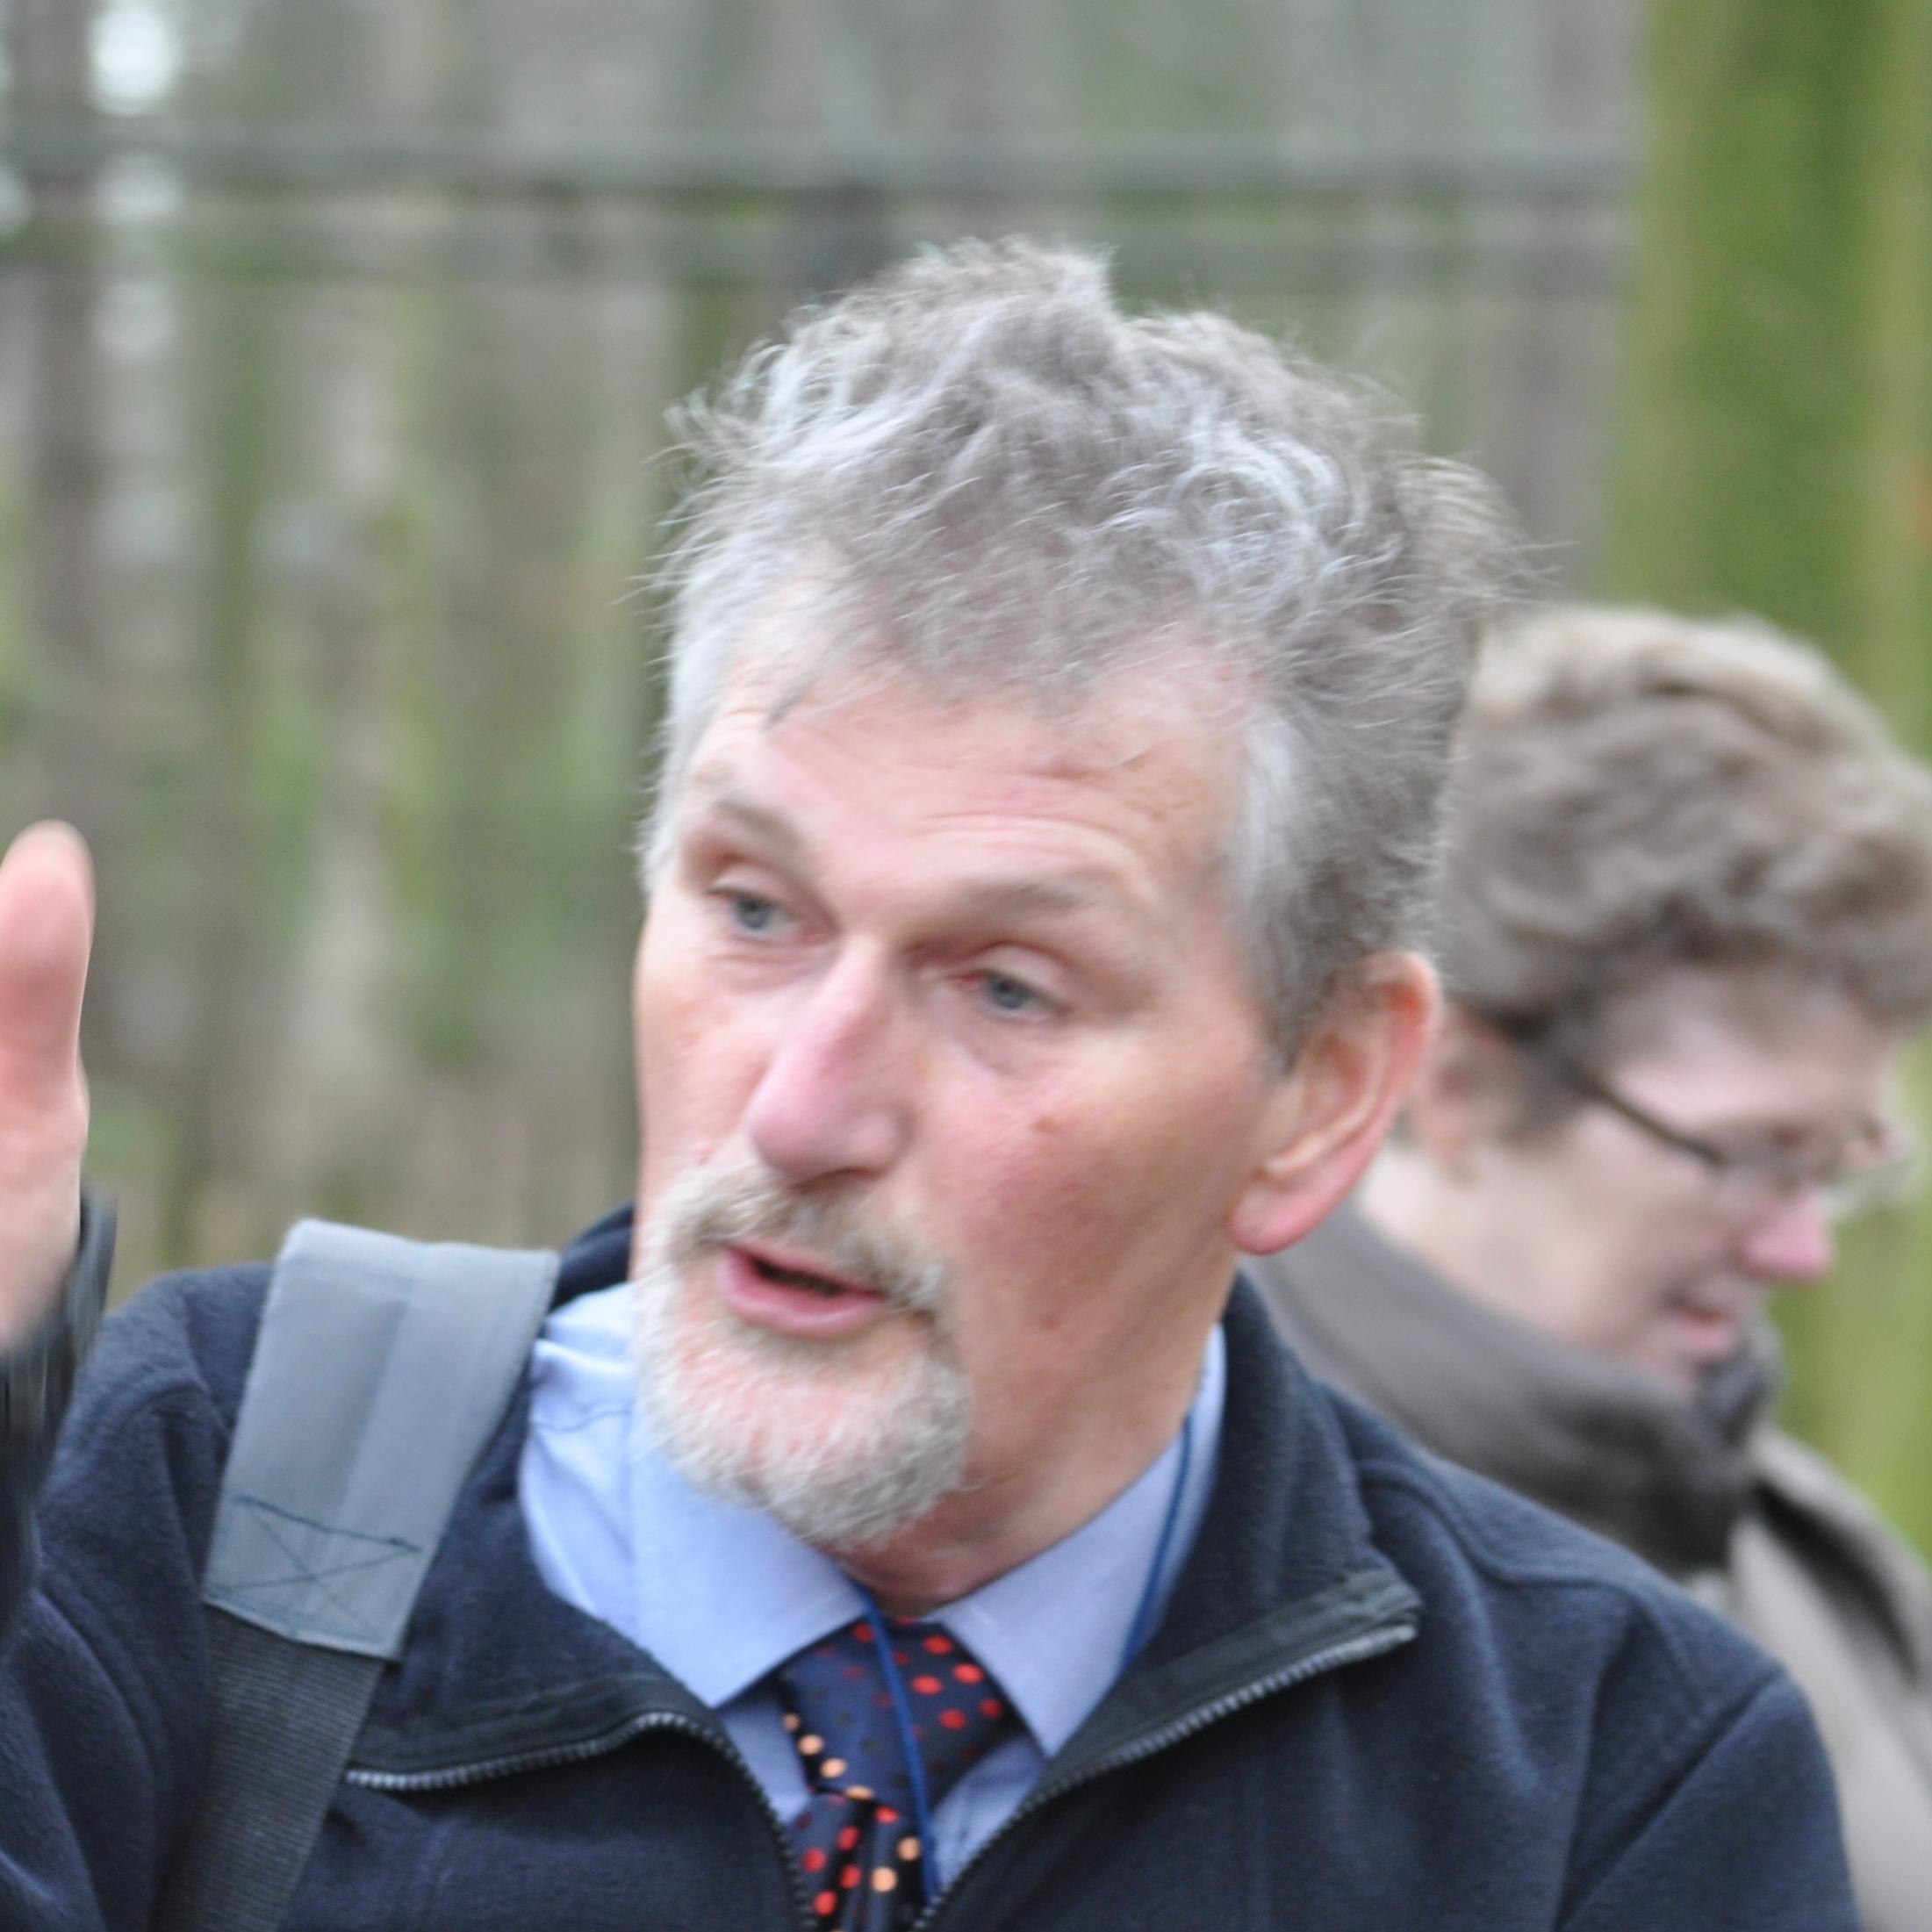 Florent Van Broek